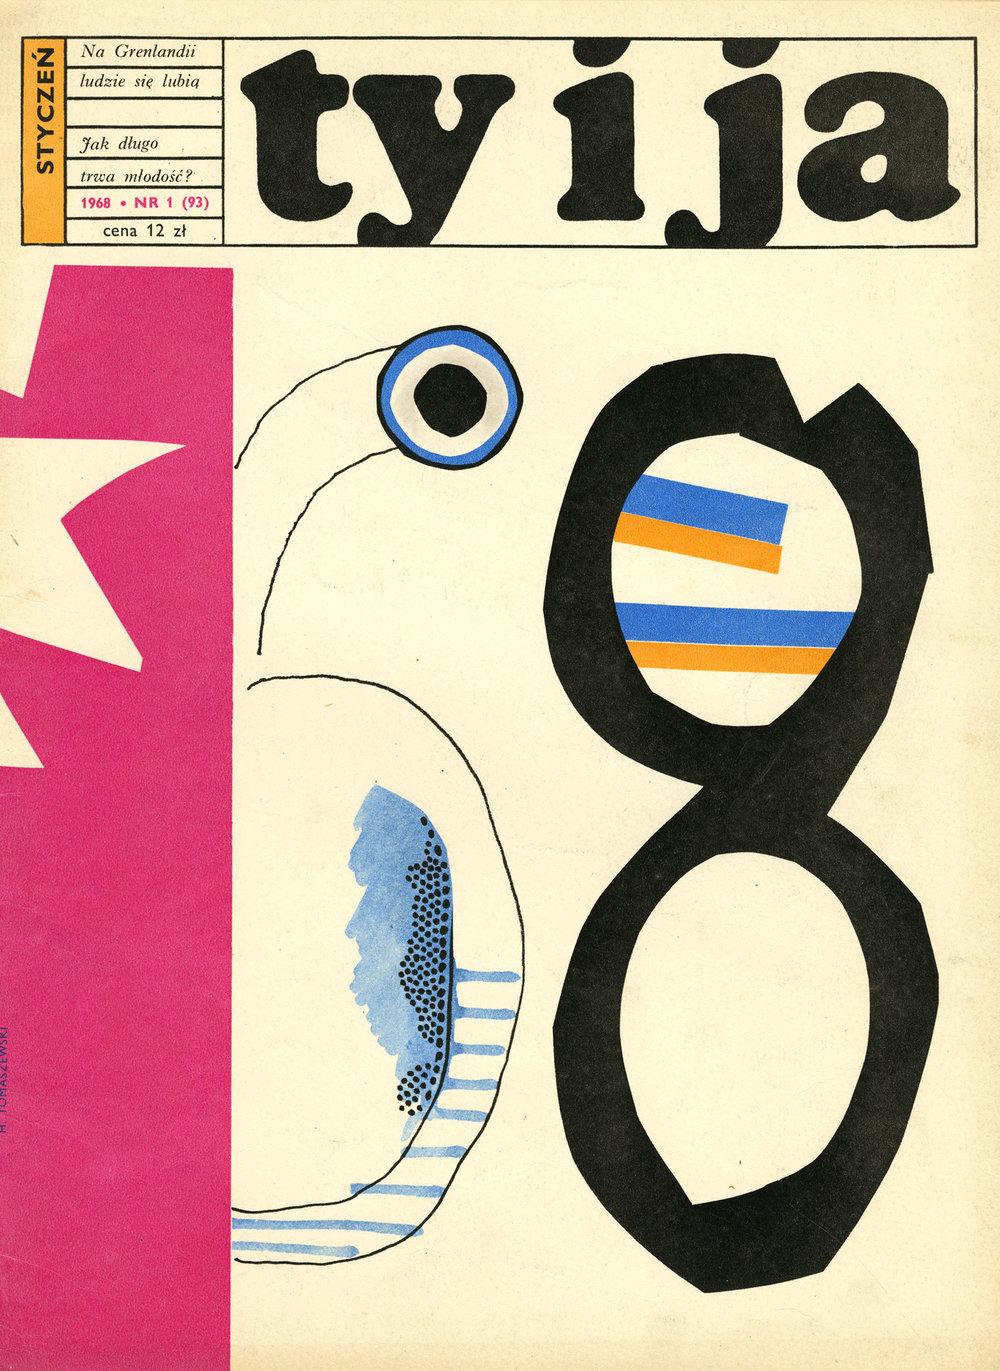 tyija_1970s-68-1.jpg